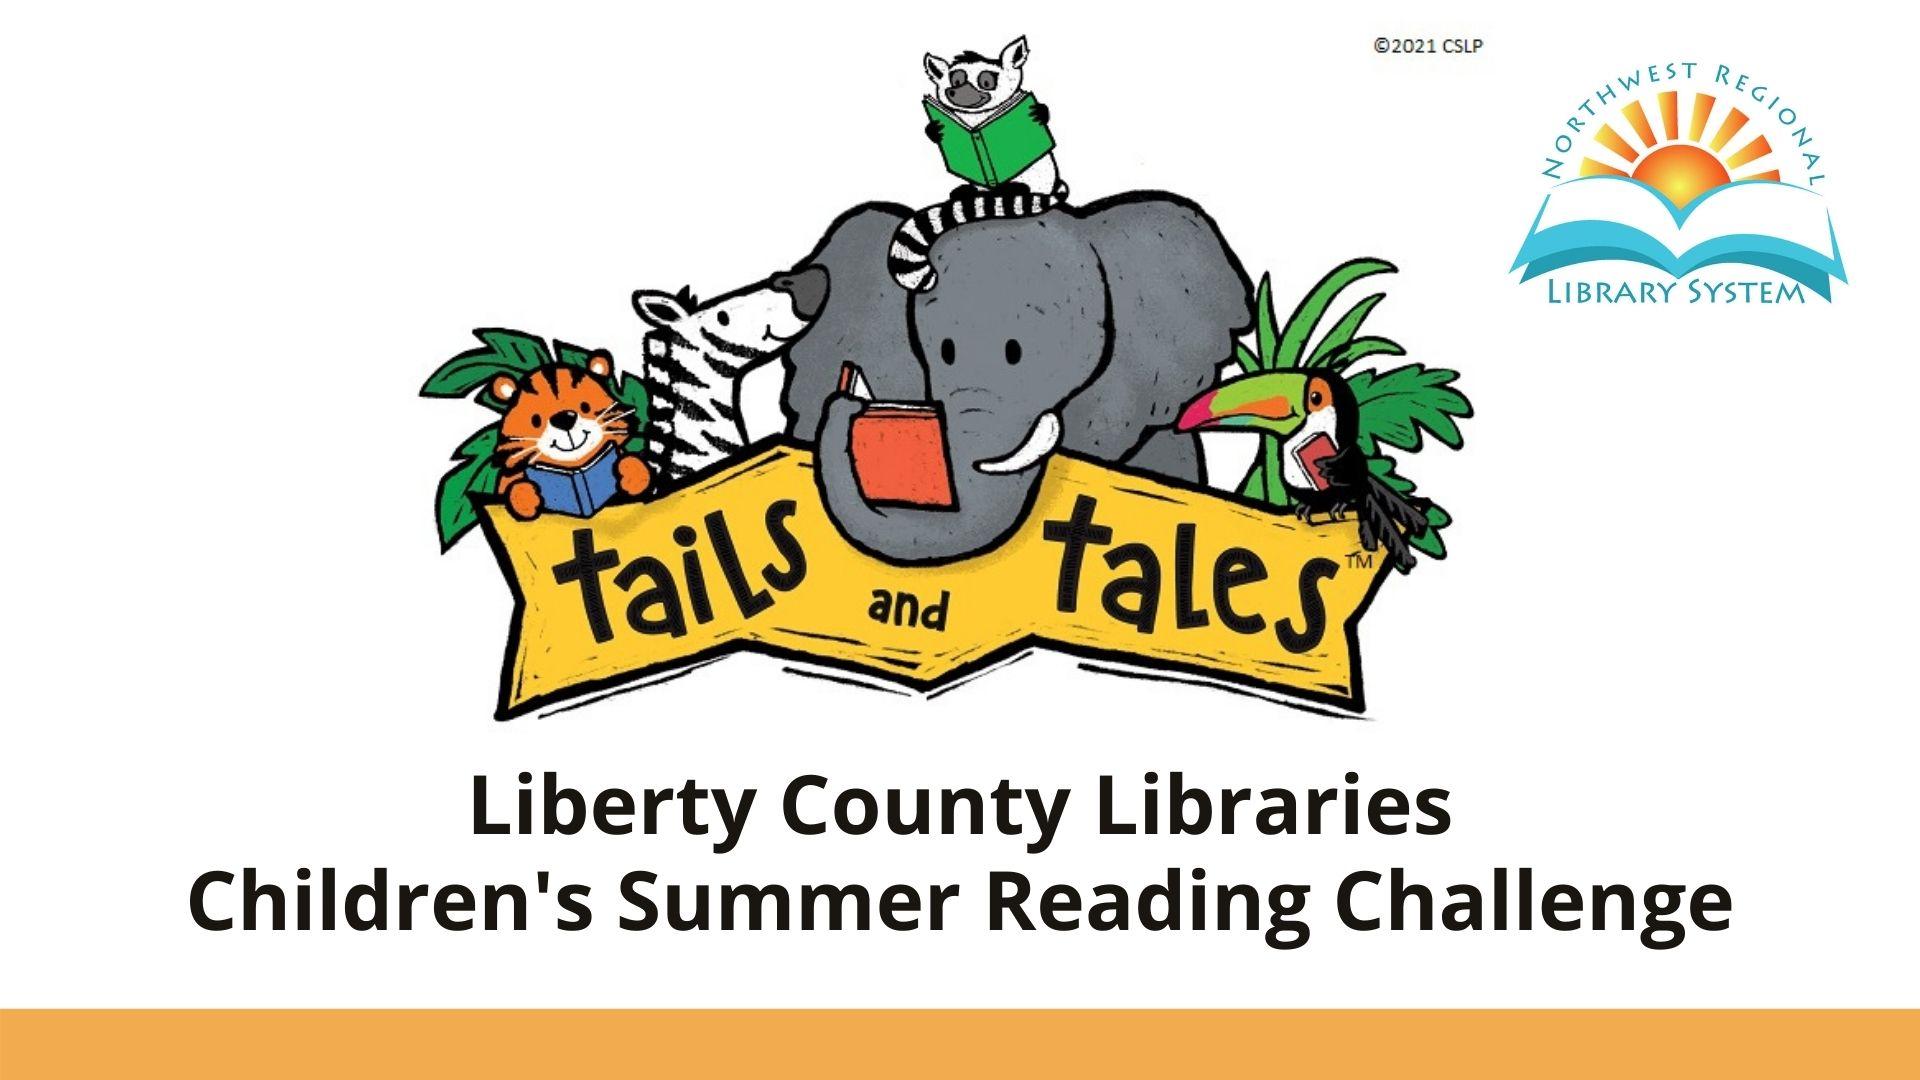 children's summer reading challenge